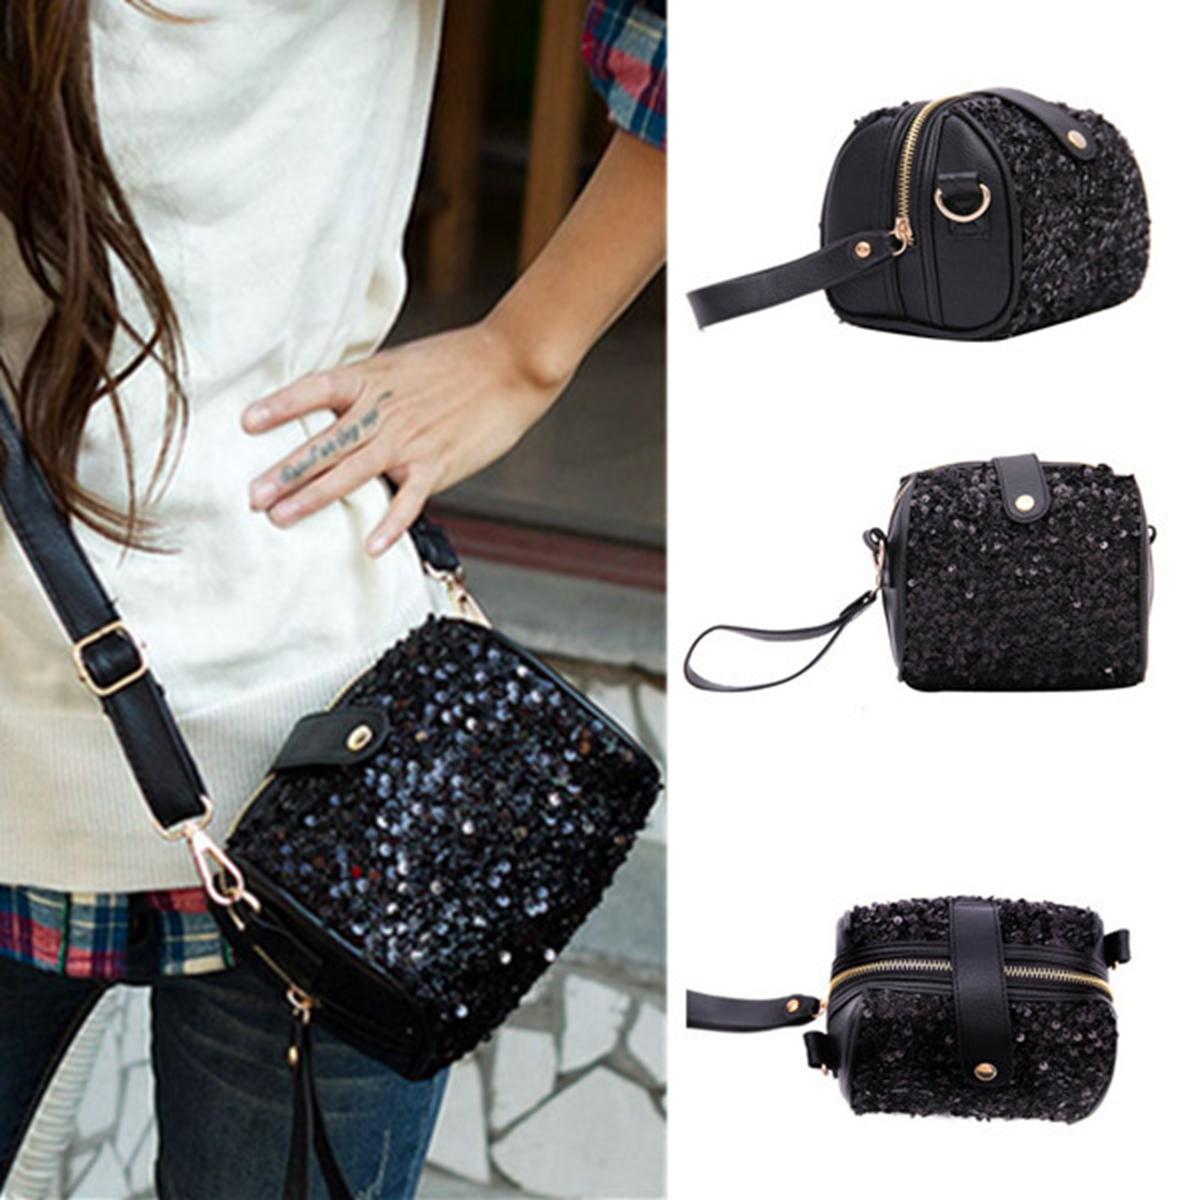 Portable Women Camera Bag Leather Shoulder Tote Purse Crossbody HandBag Wallet